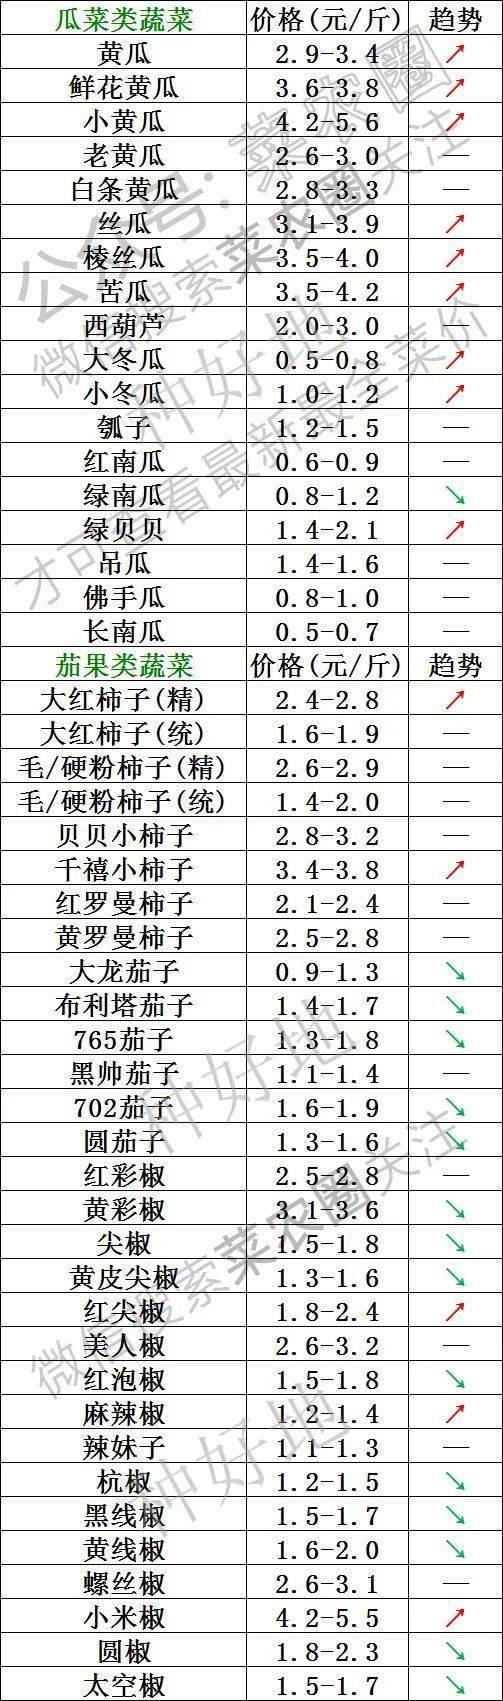 2021年9月29日北京新发地,山东寿光,云南,河北石家庄今日蔬菜价格行情一览表